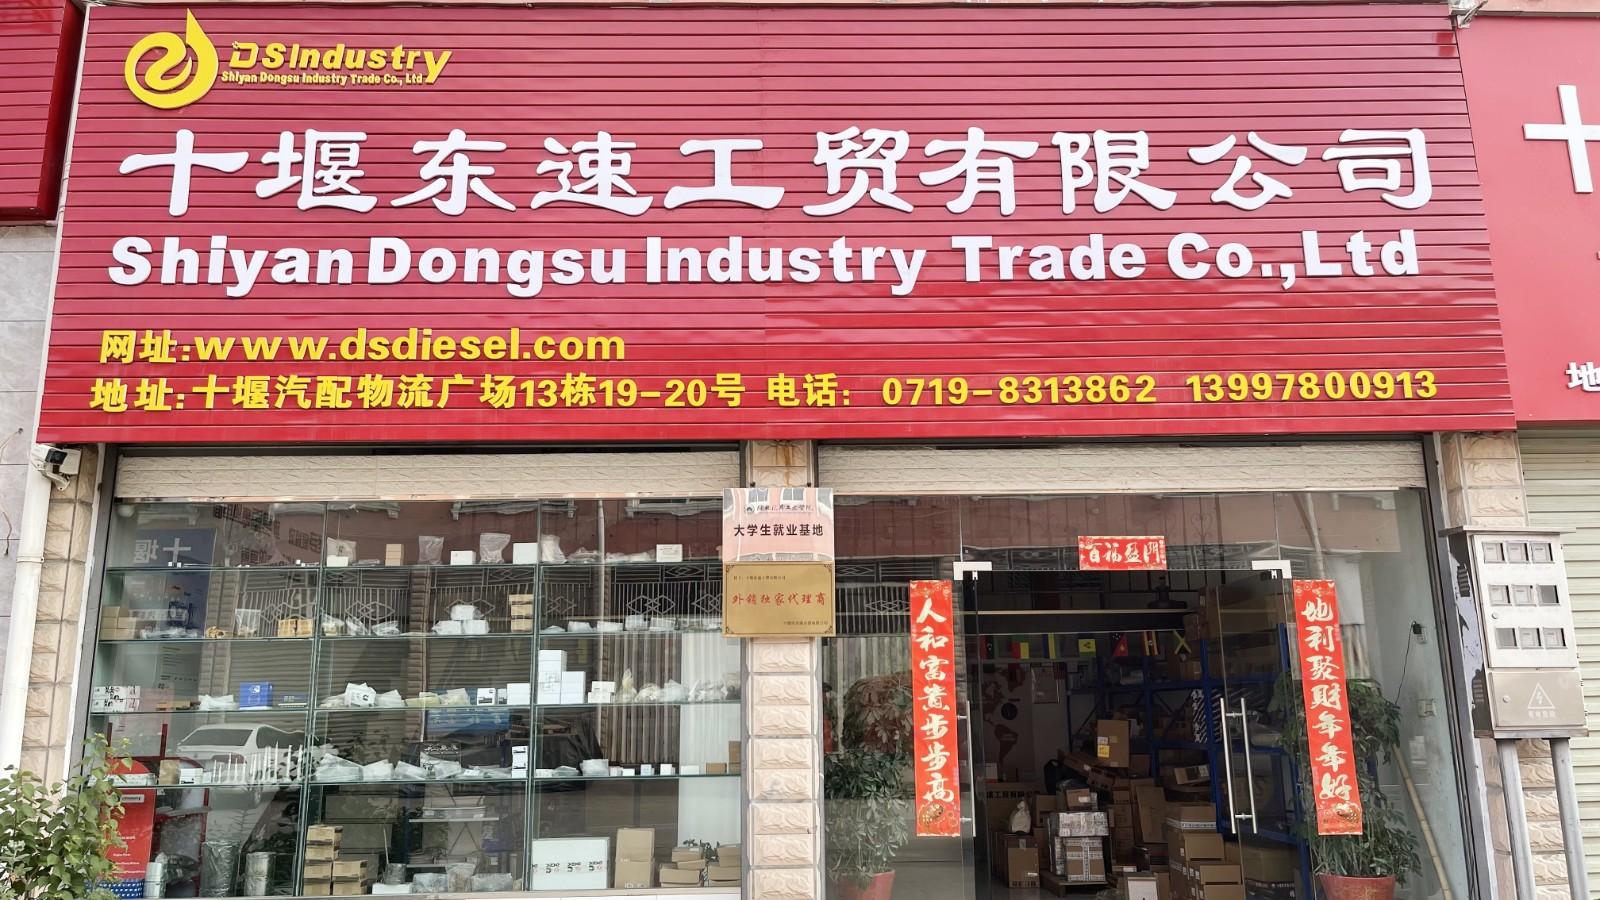 Shiyan Dongsu Industry Trade Co.,Ltd